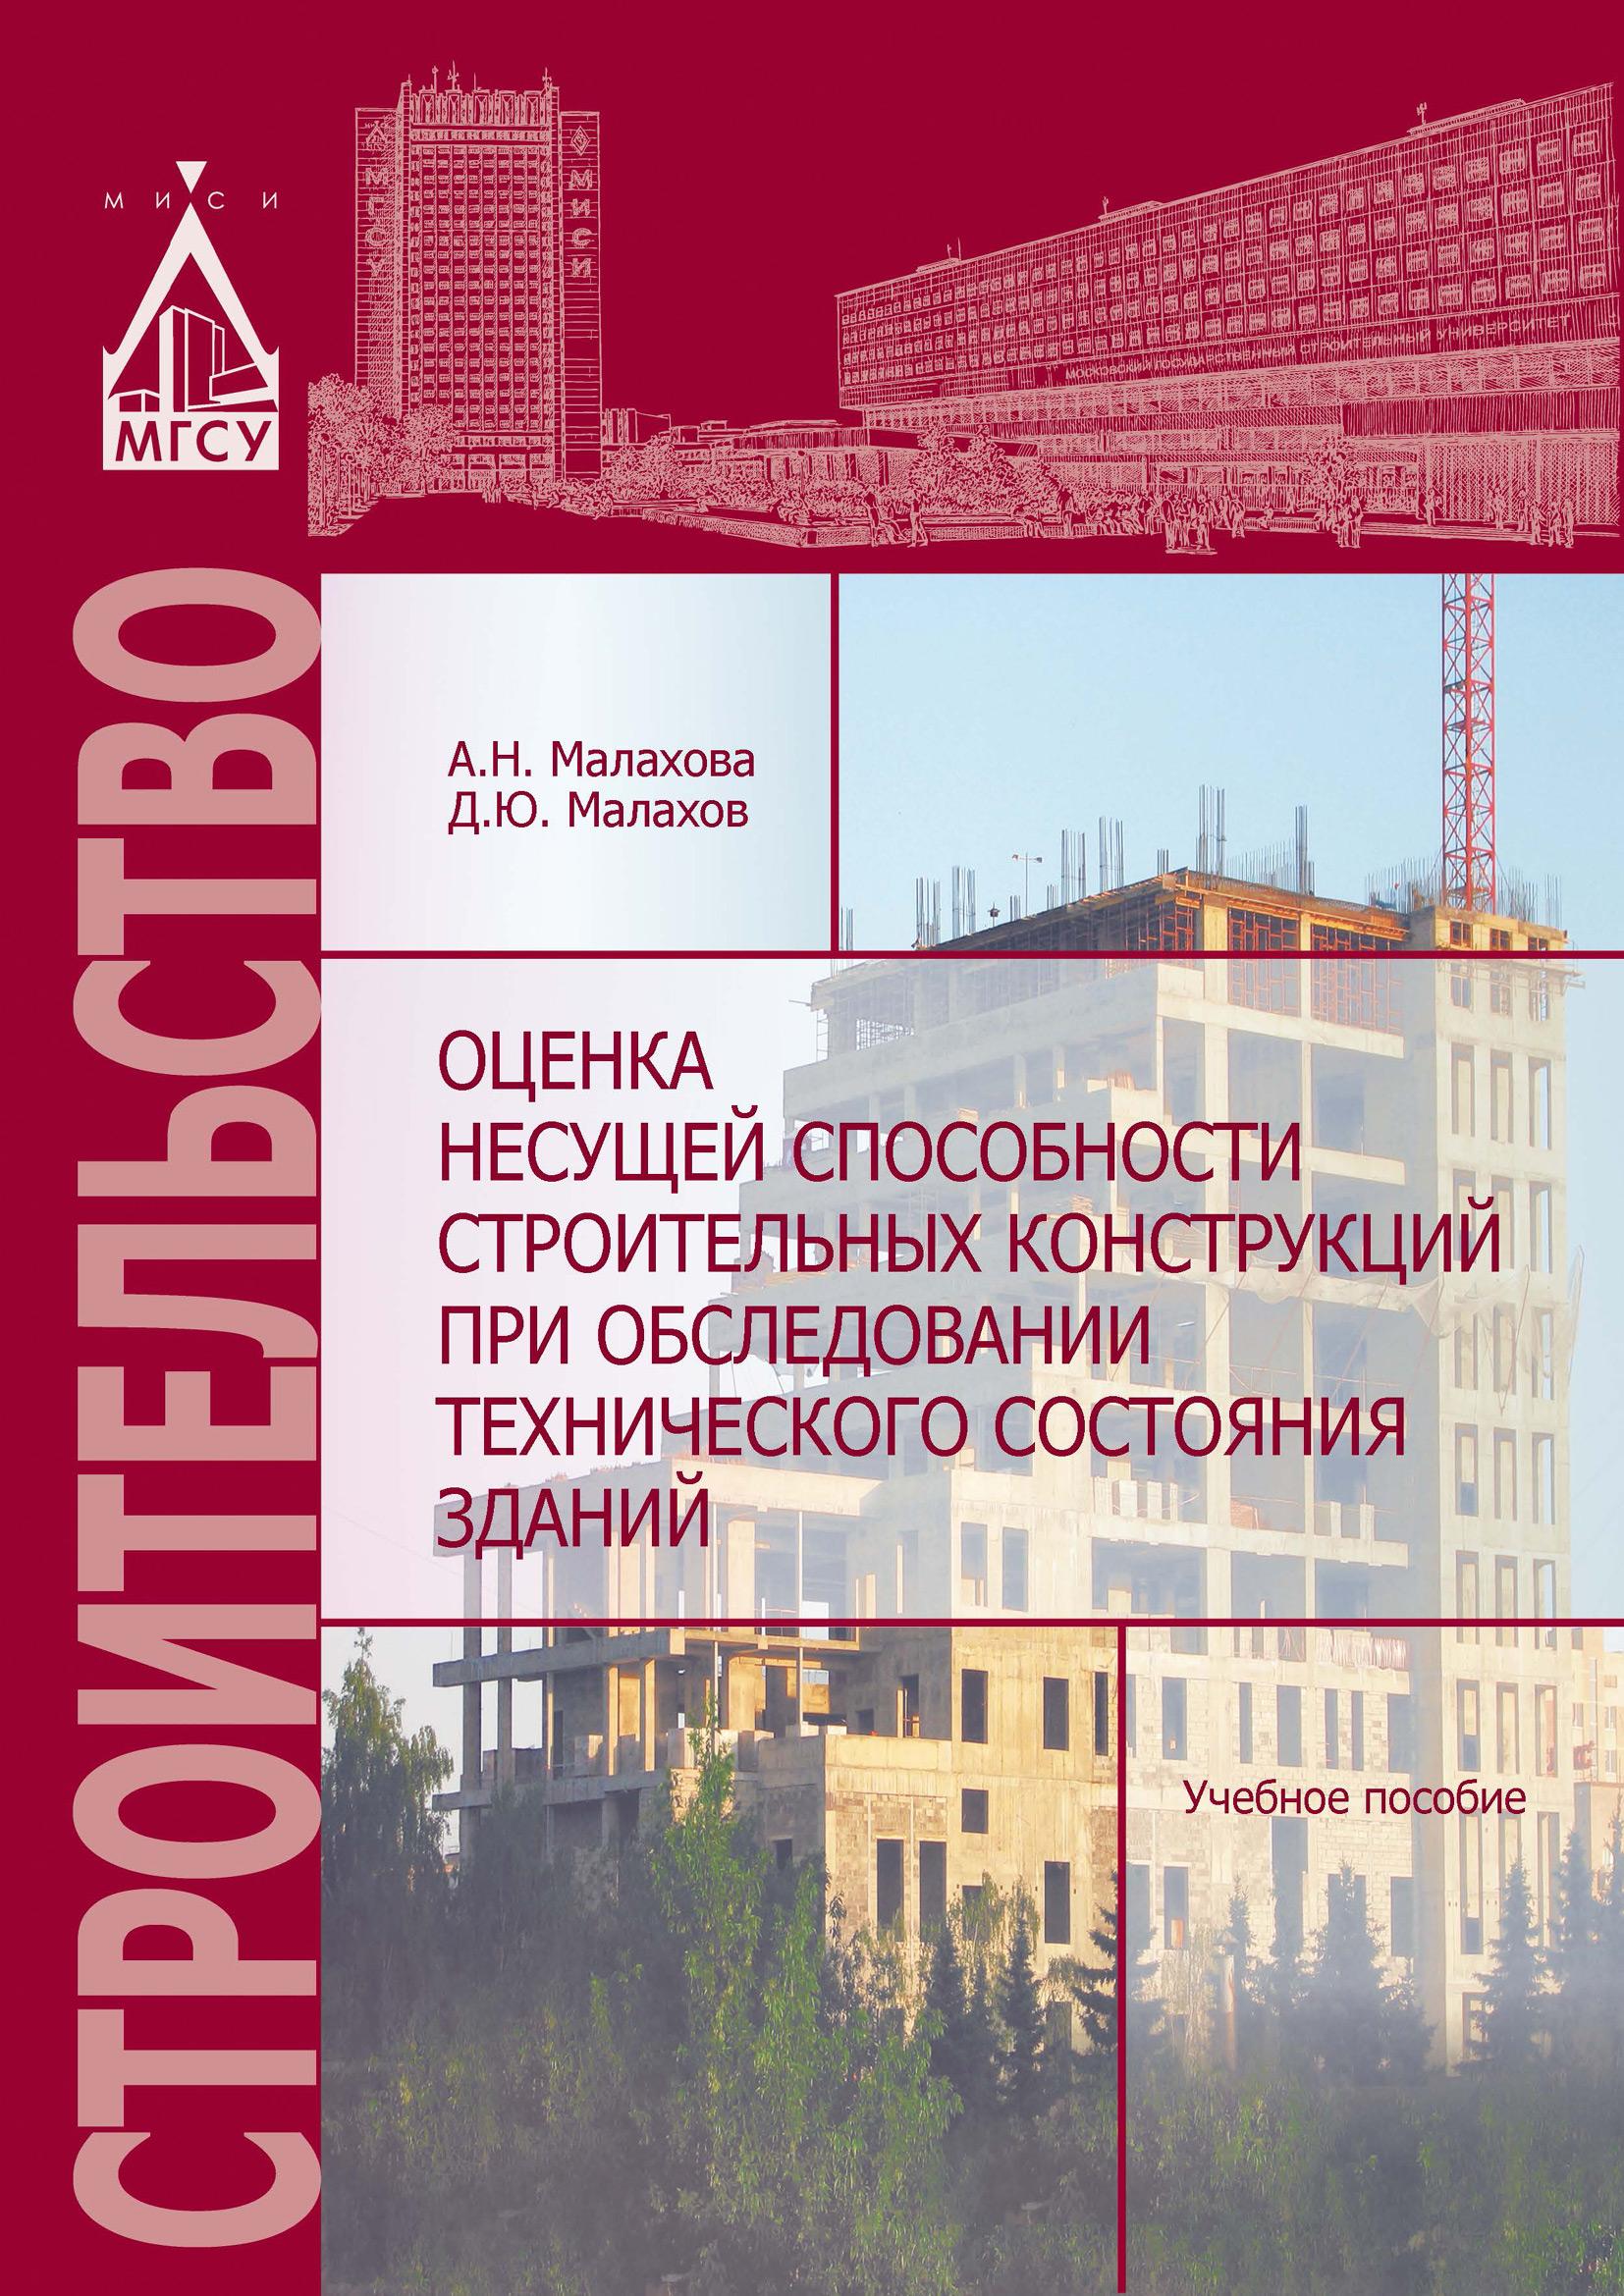 А. Н. Малахова Оценка несущей способности строительных конструкций при обследовании технического состояния зданий